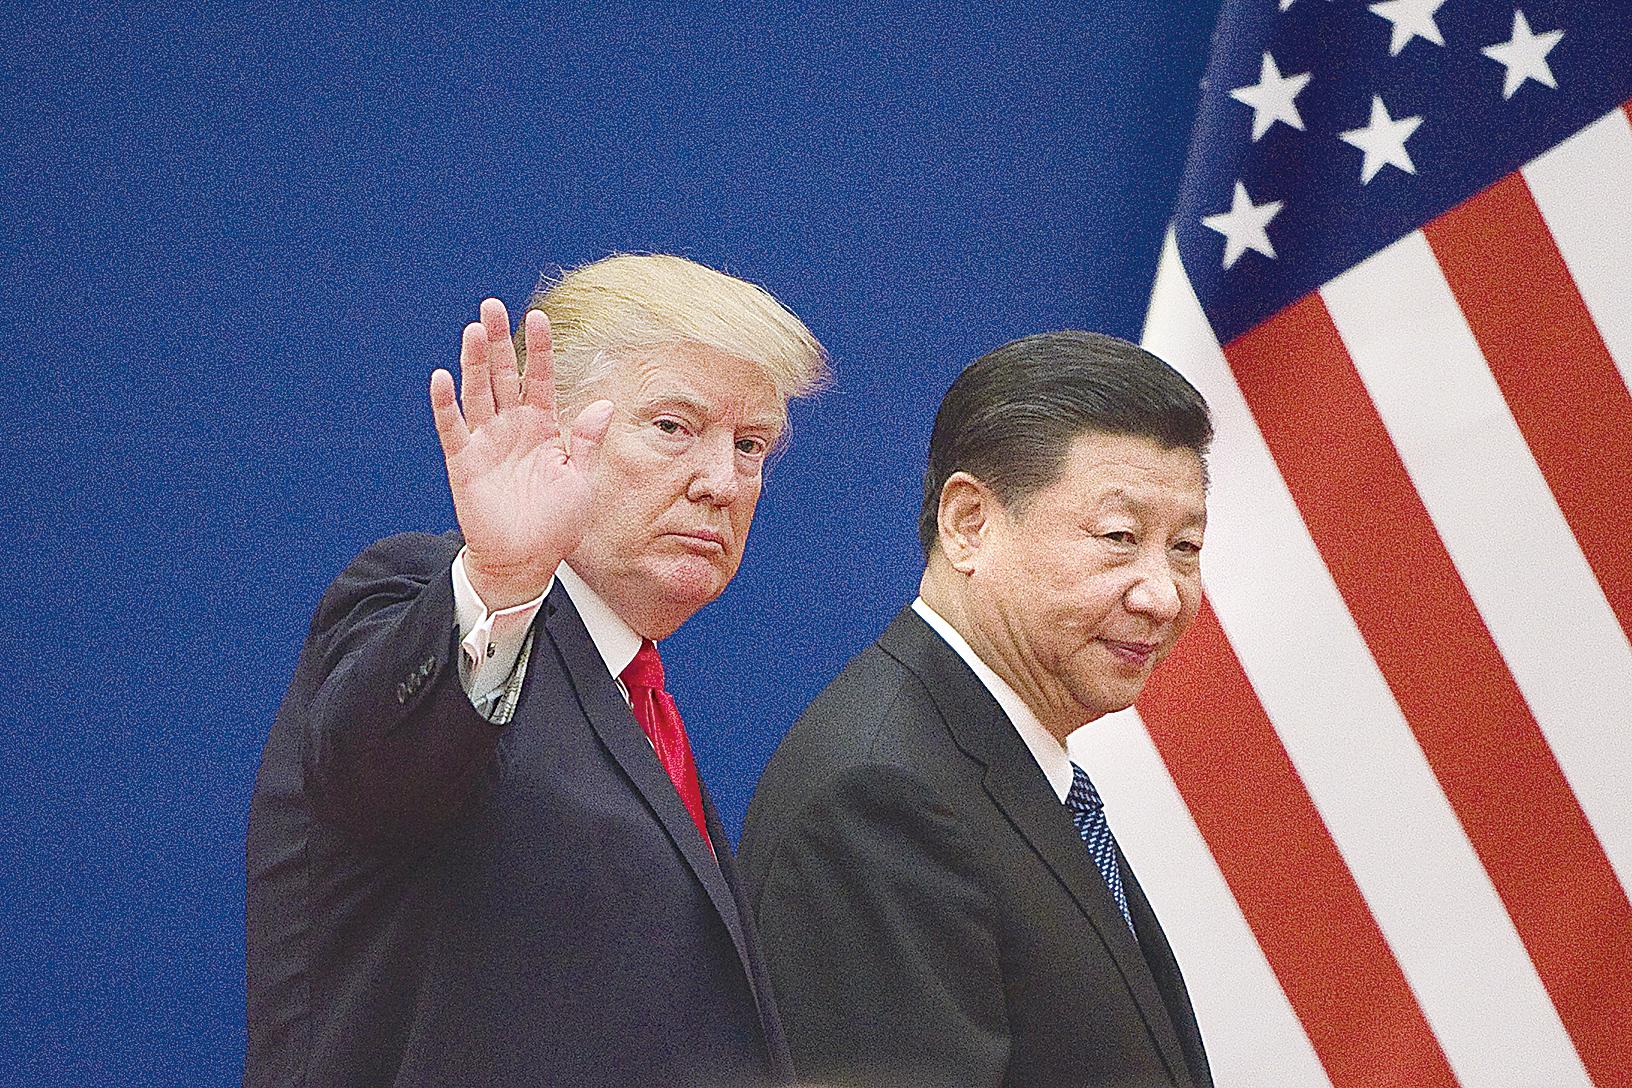 圖為2017年11月9日,特朗普與習近平在北京會面。(Getty Images)